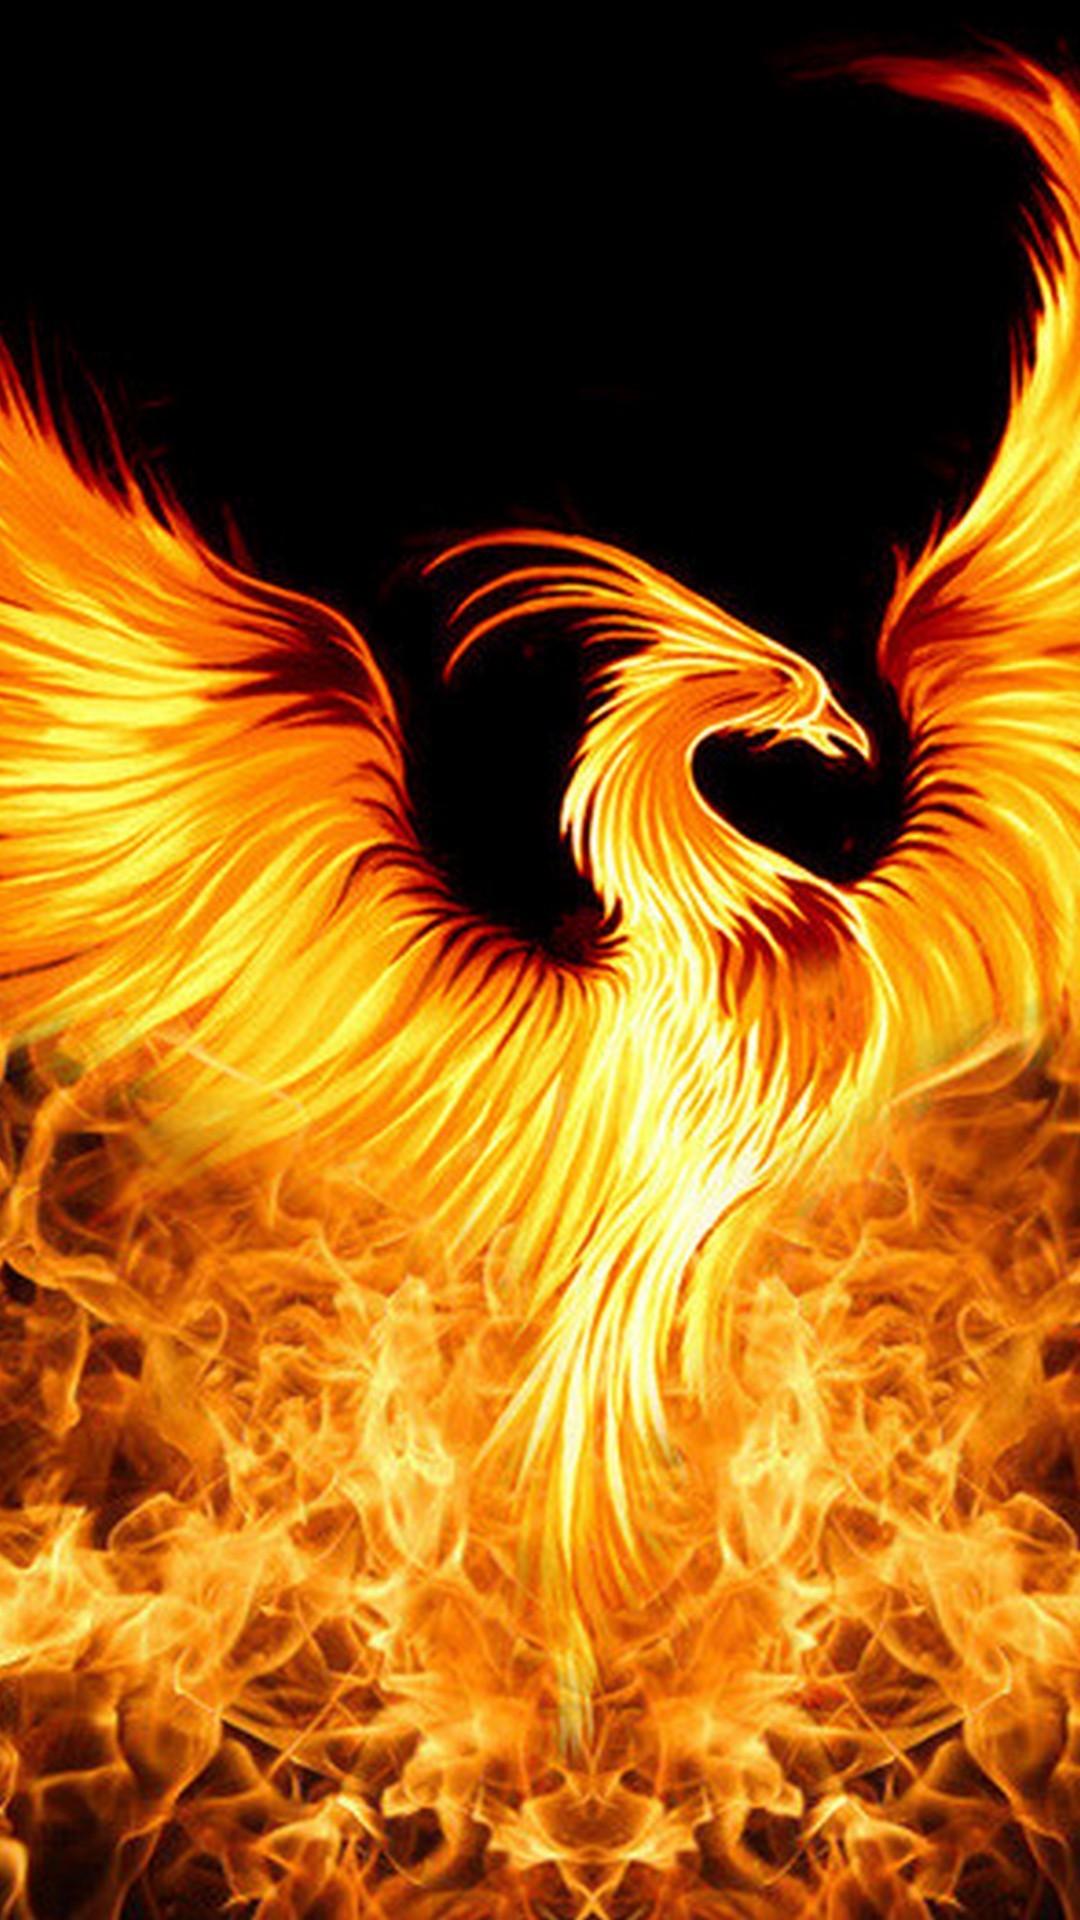 Golden Phoenix Backgrounds